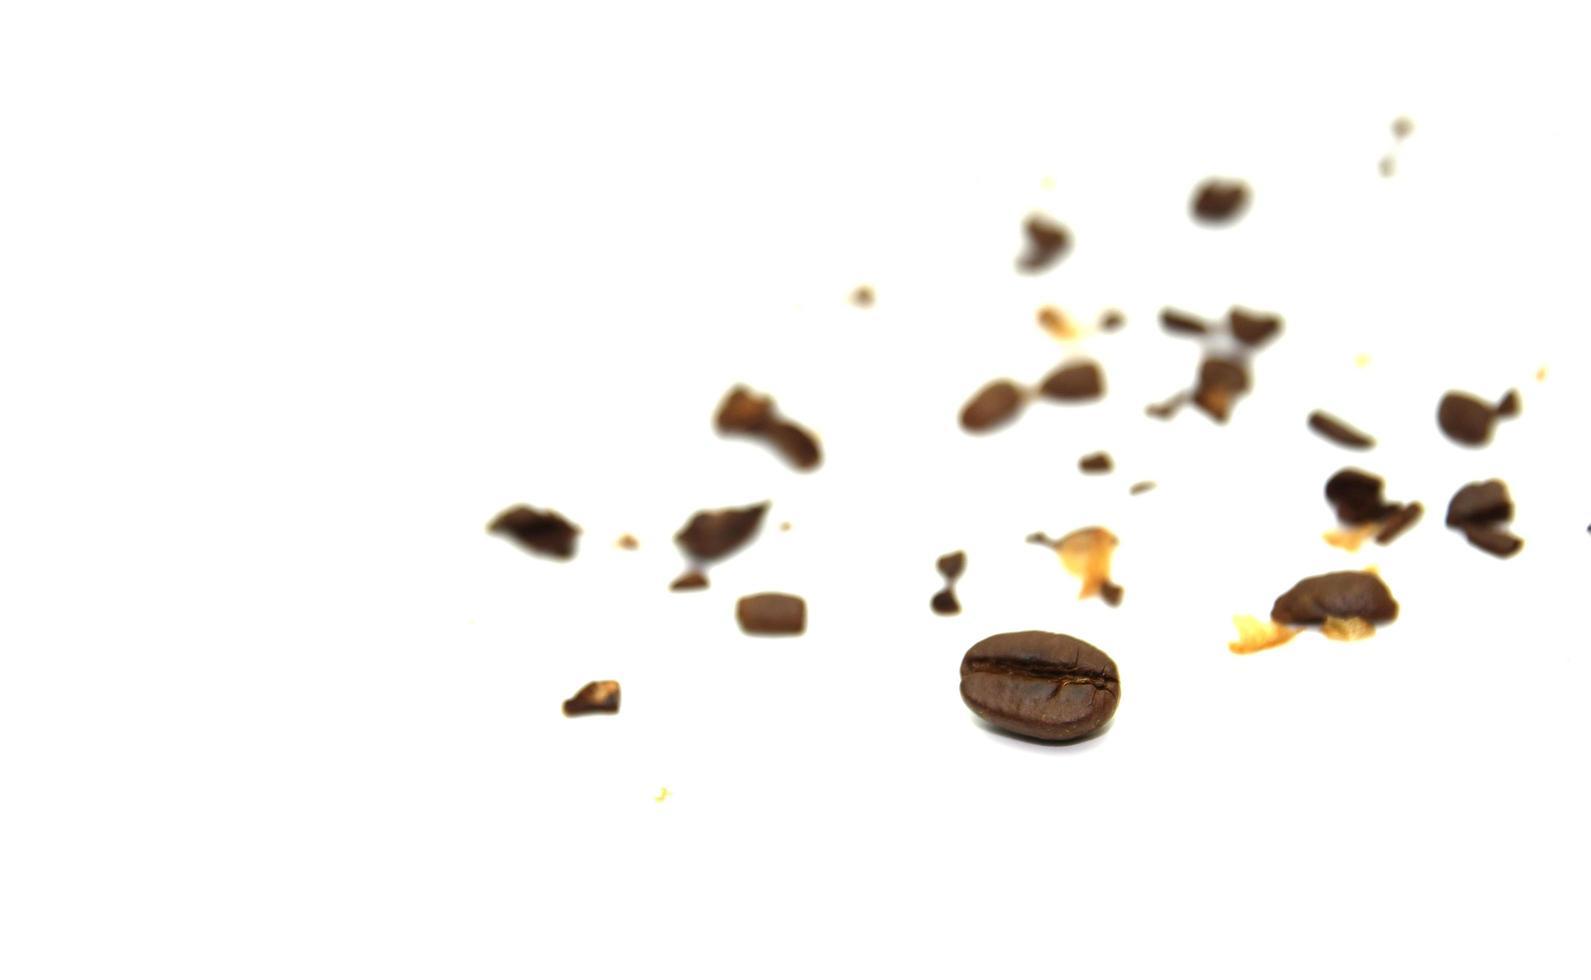 trozos de granos de café rotos foto